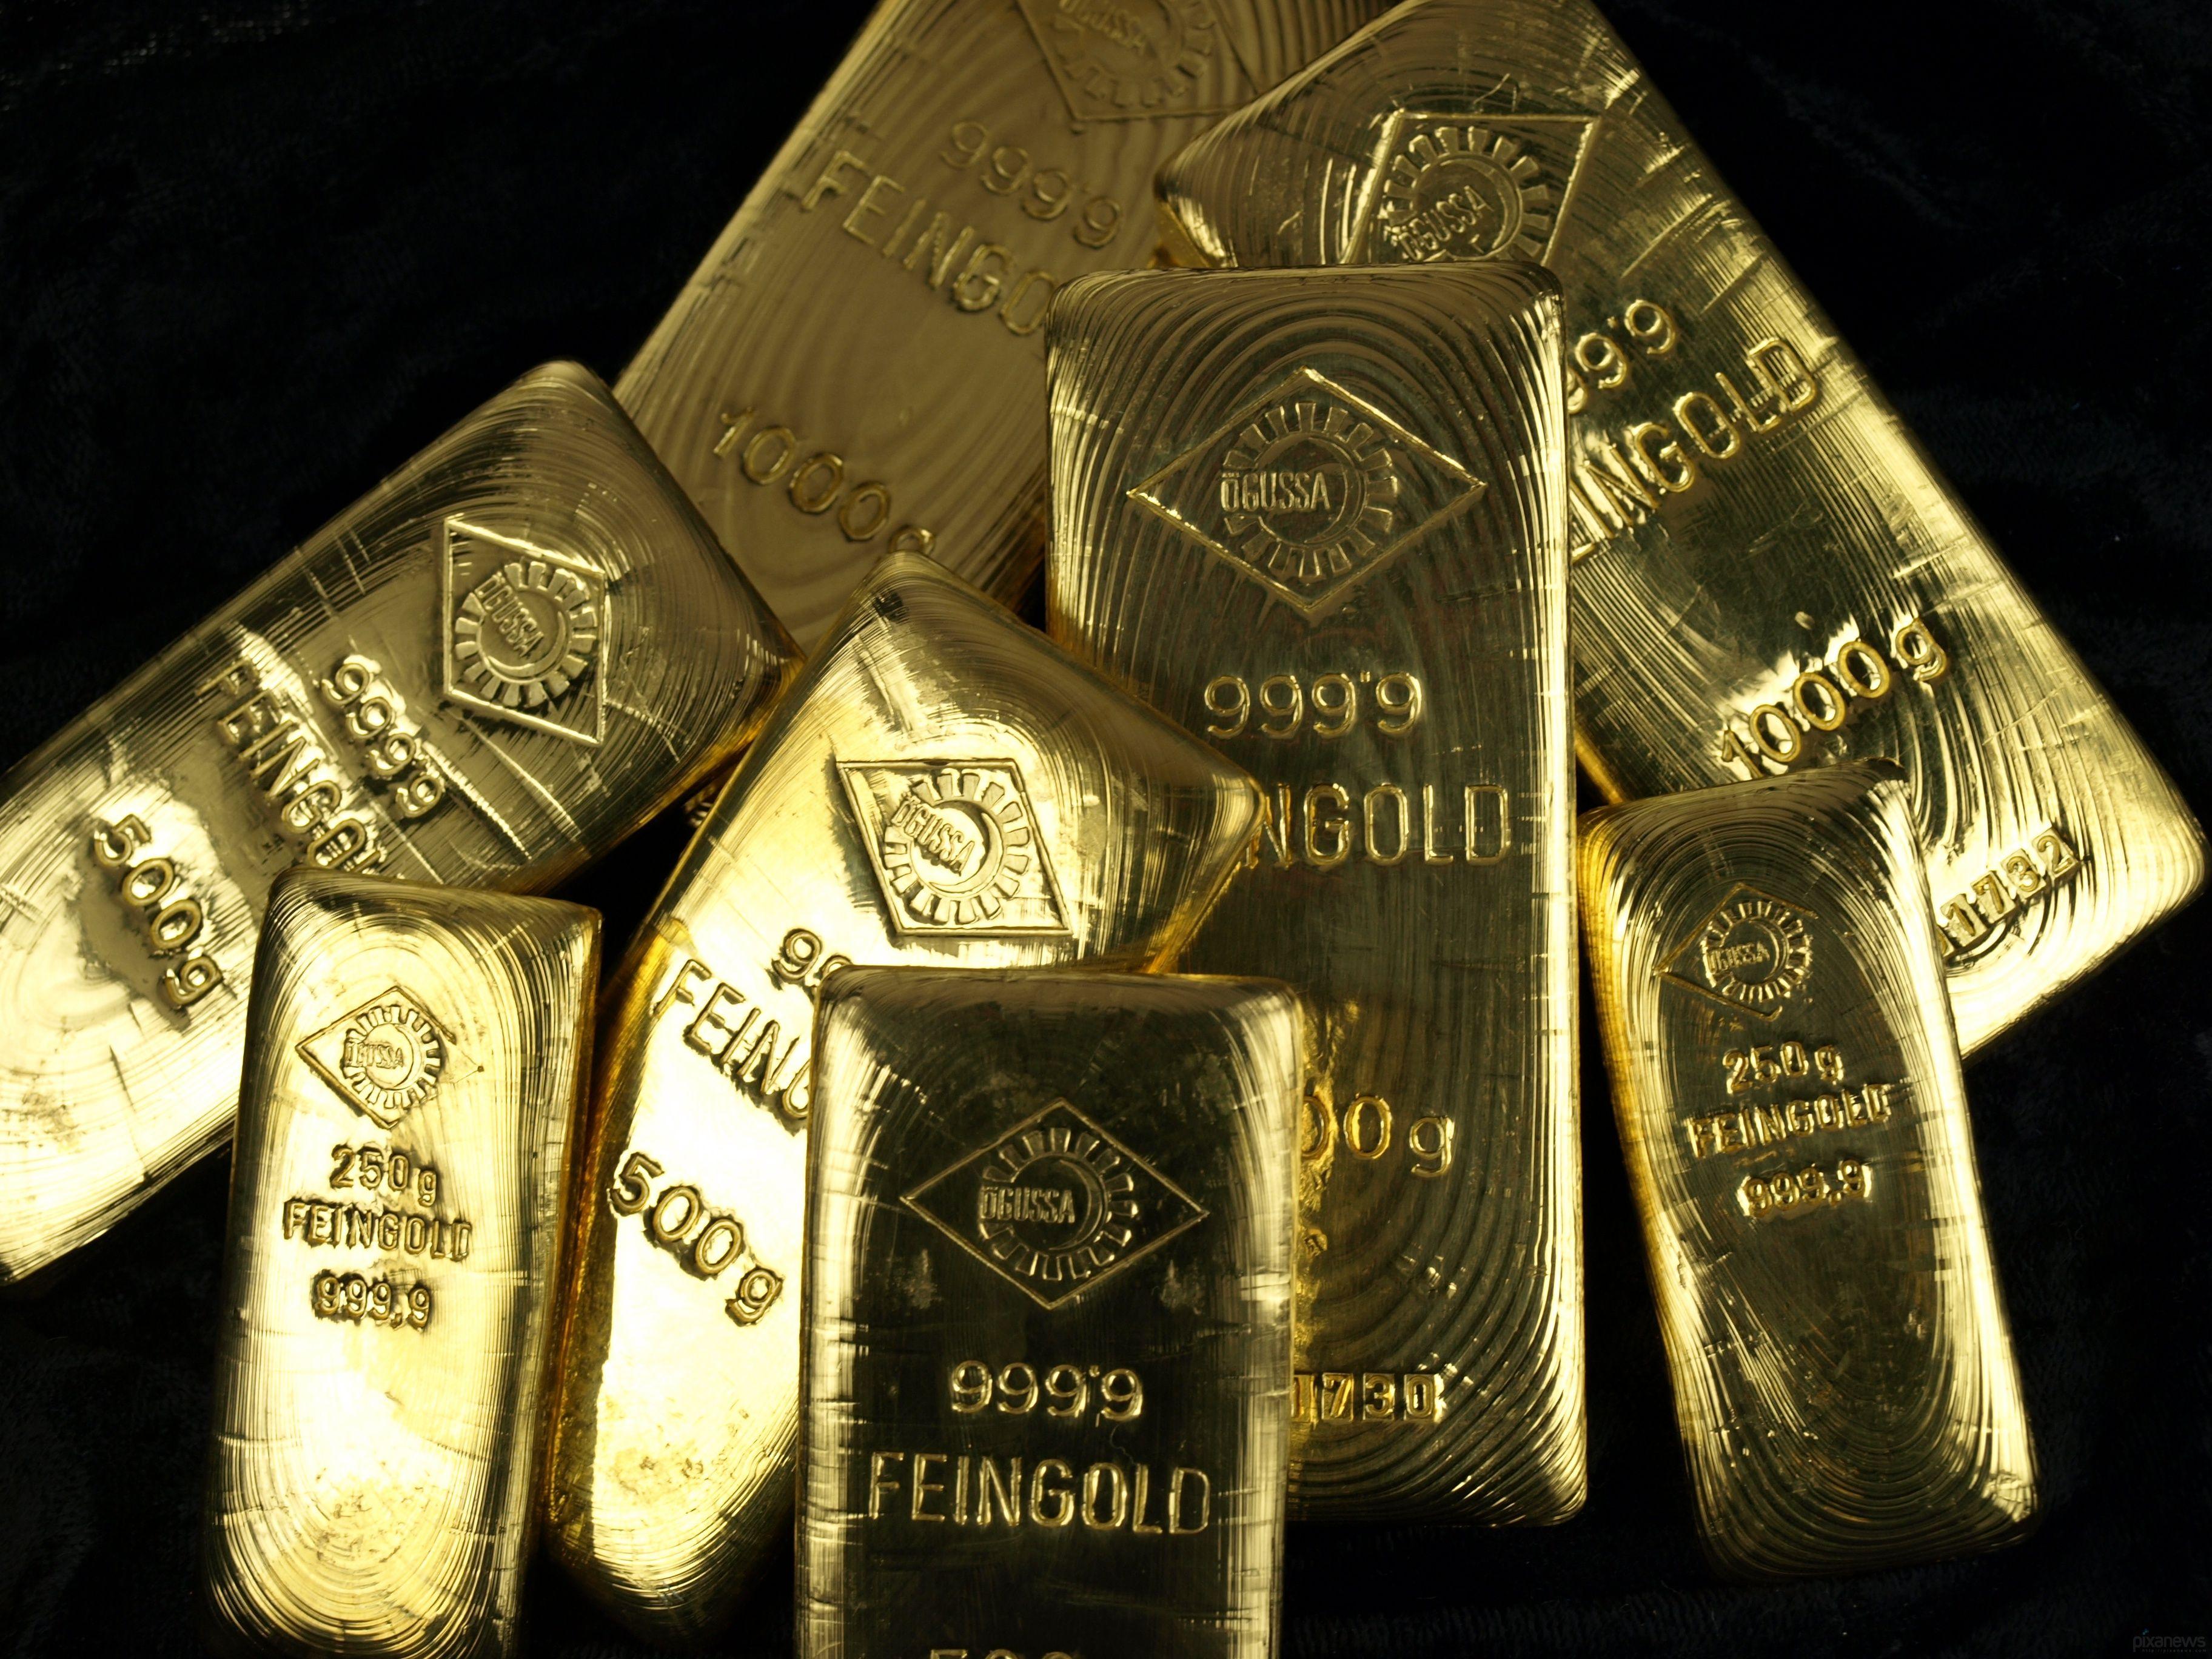 Слитки золота на чёрном фоне